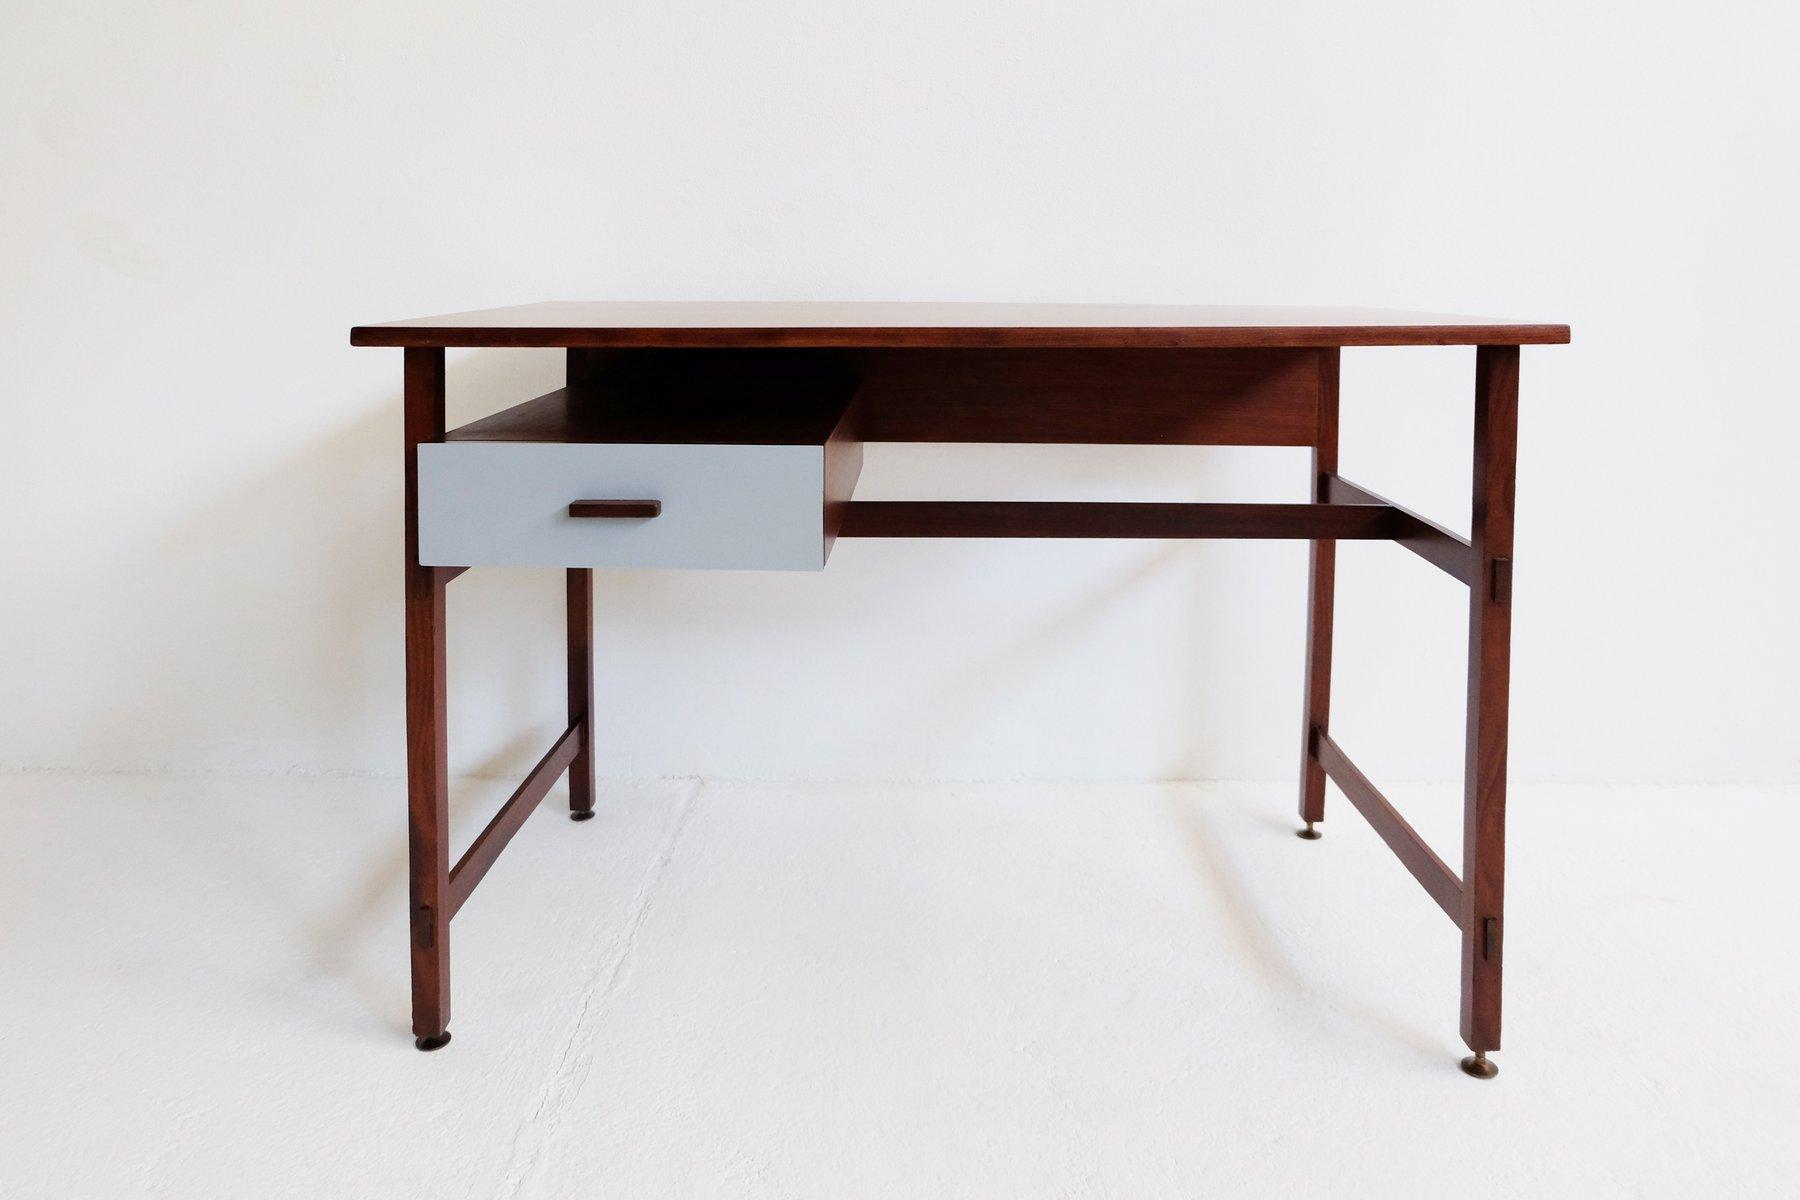 kleiner vintage schreibtisch bei pamono kaufen. Black Bedroom Furniture Sets. Home Design Ideas